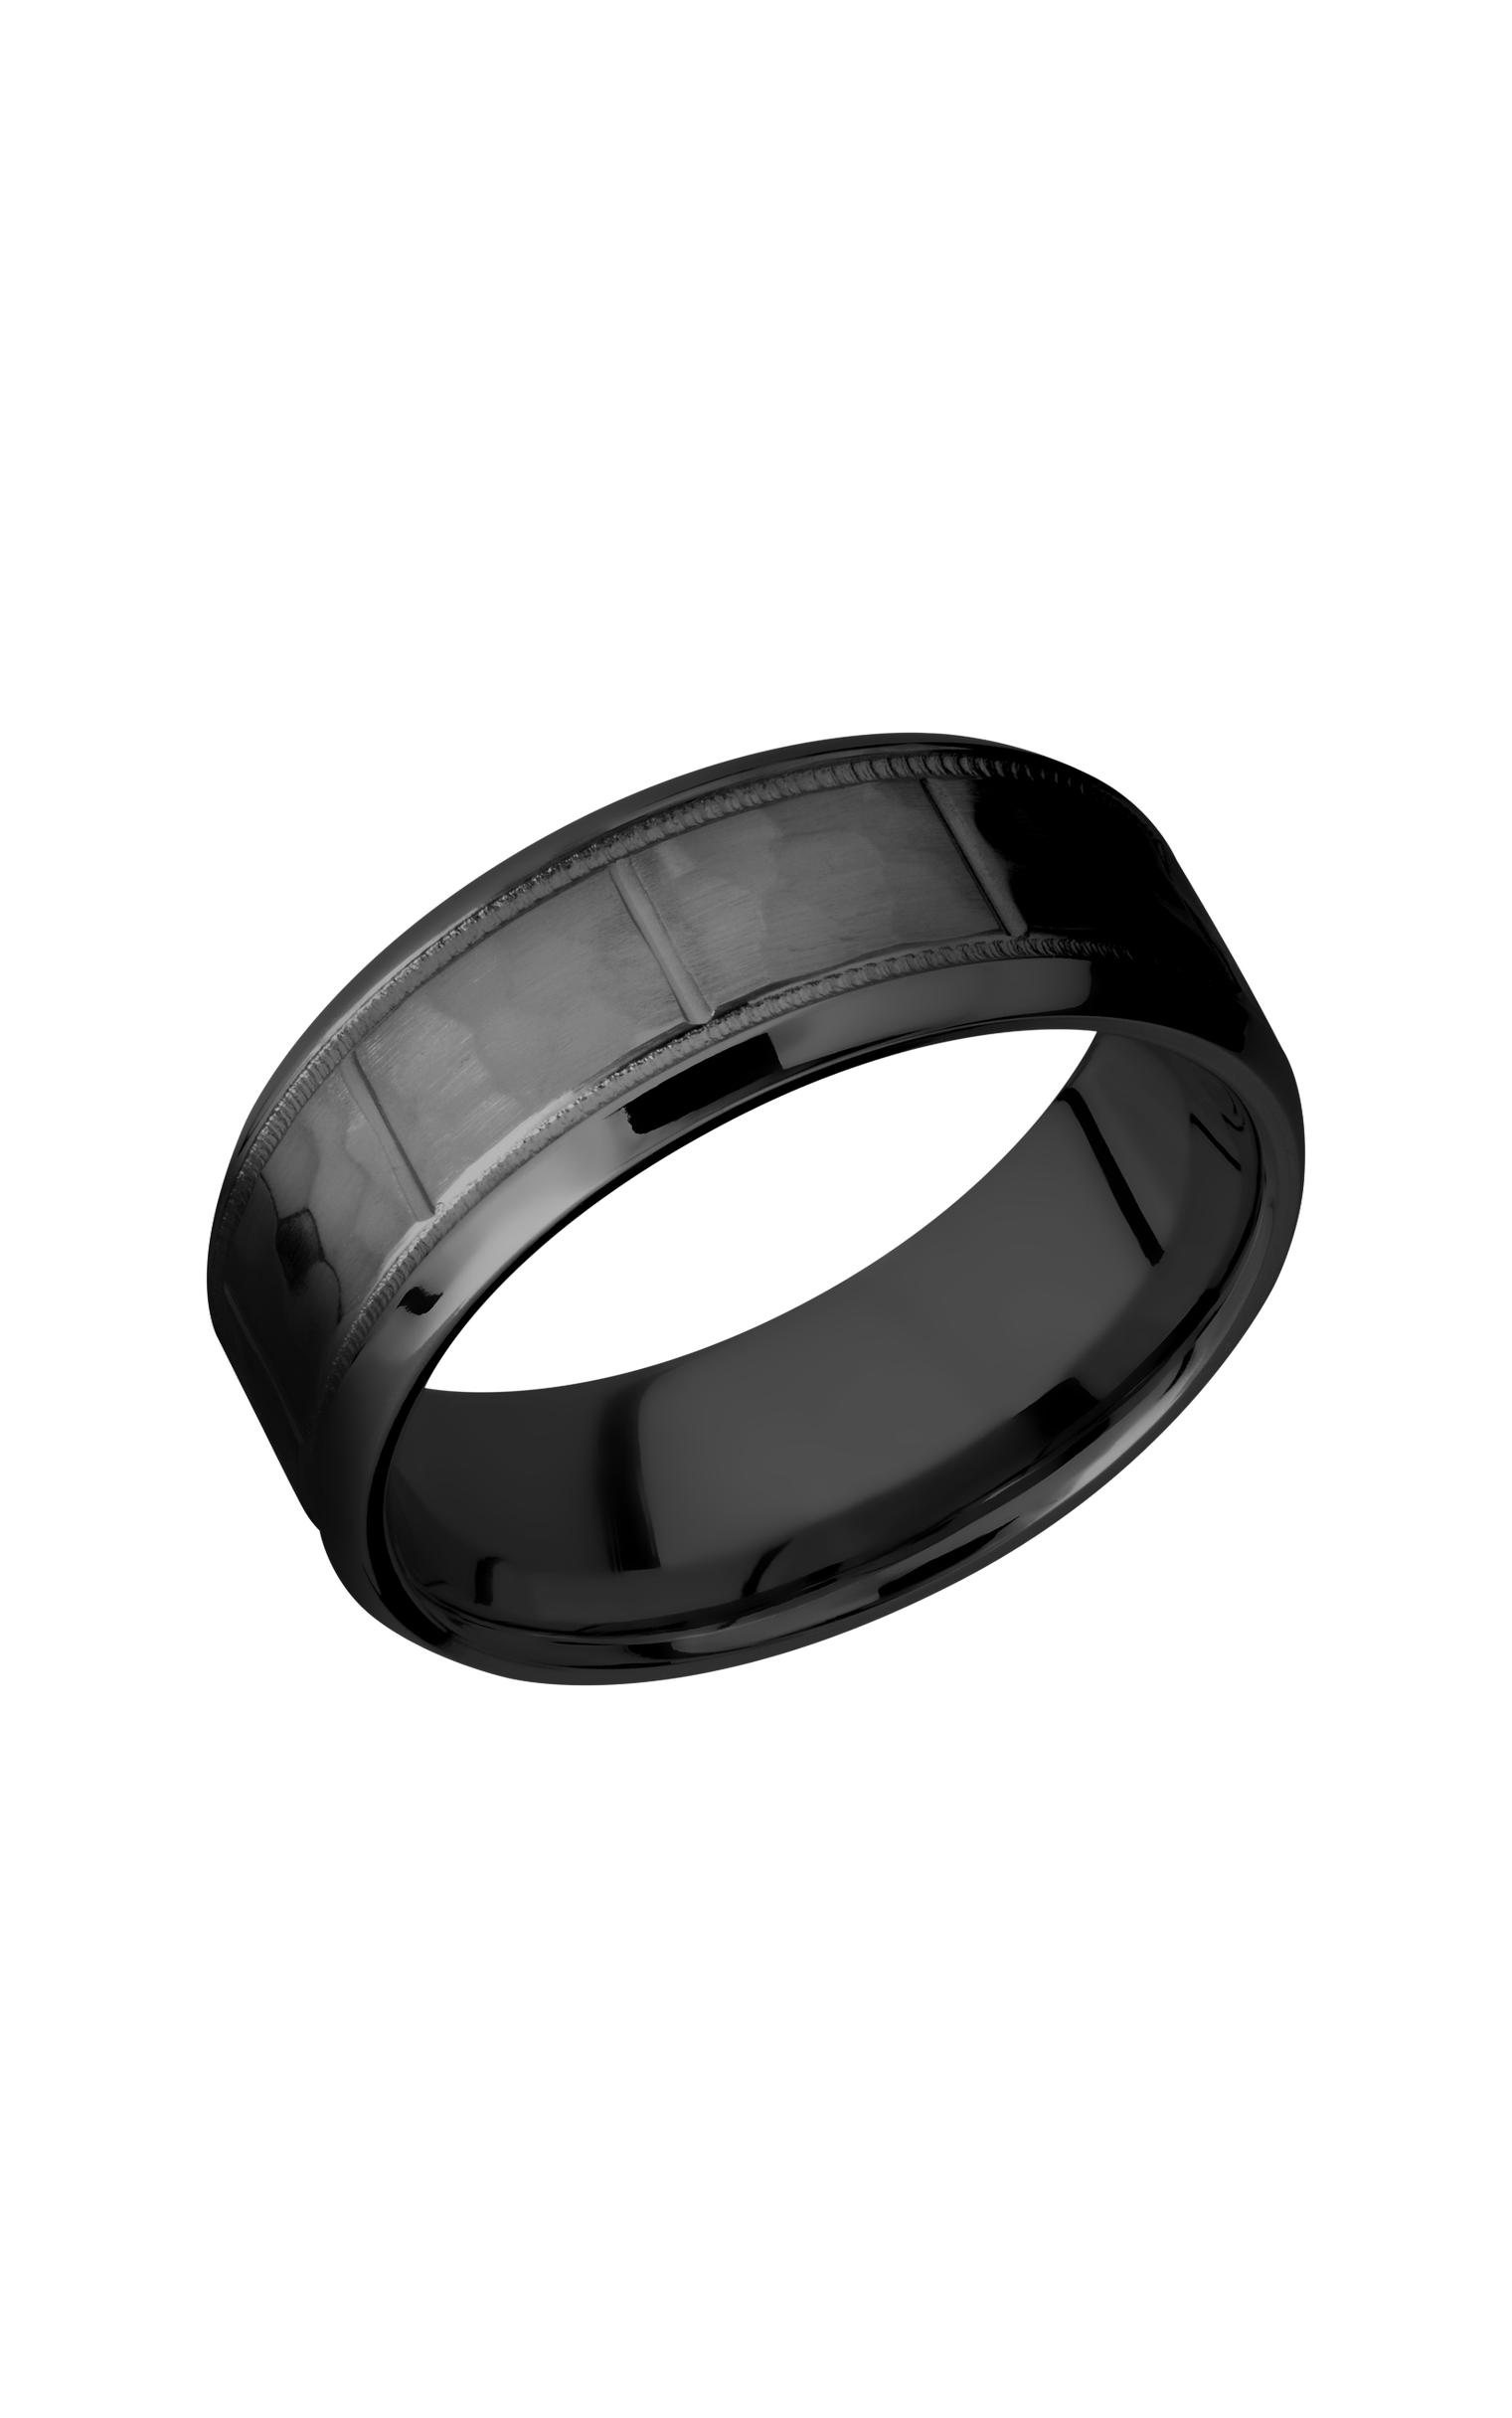 Lashbrook Zirconium Z8BM031 product image